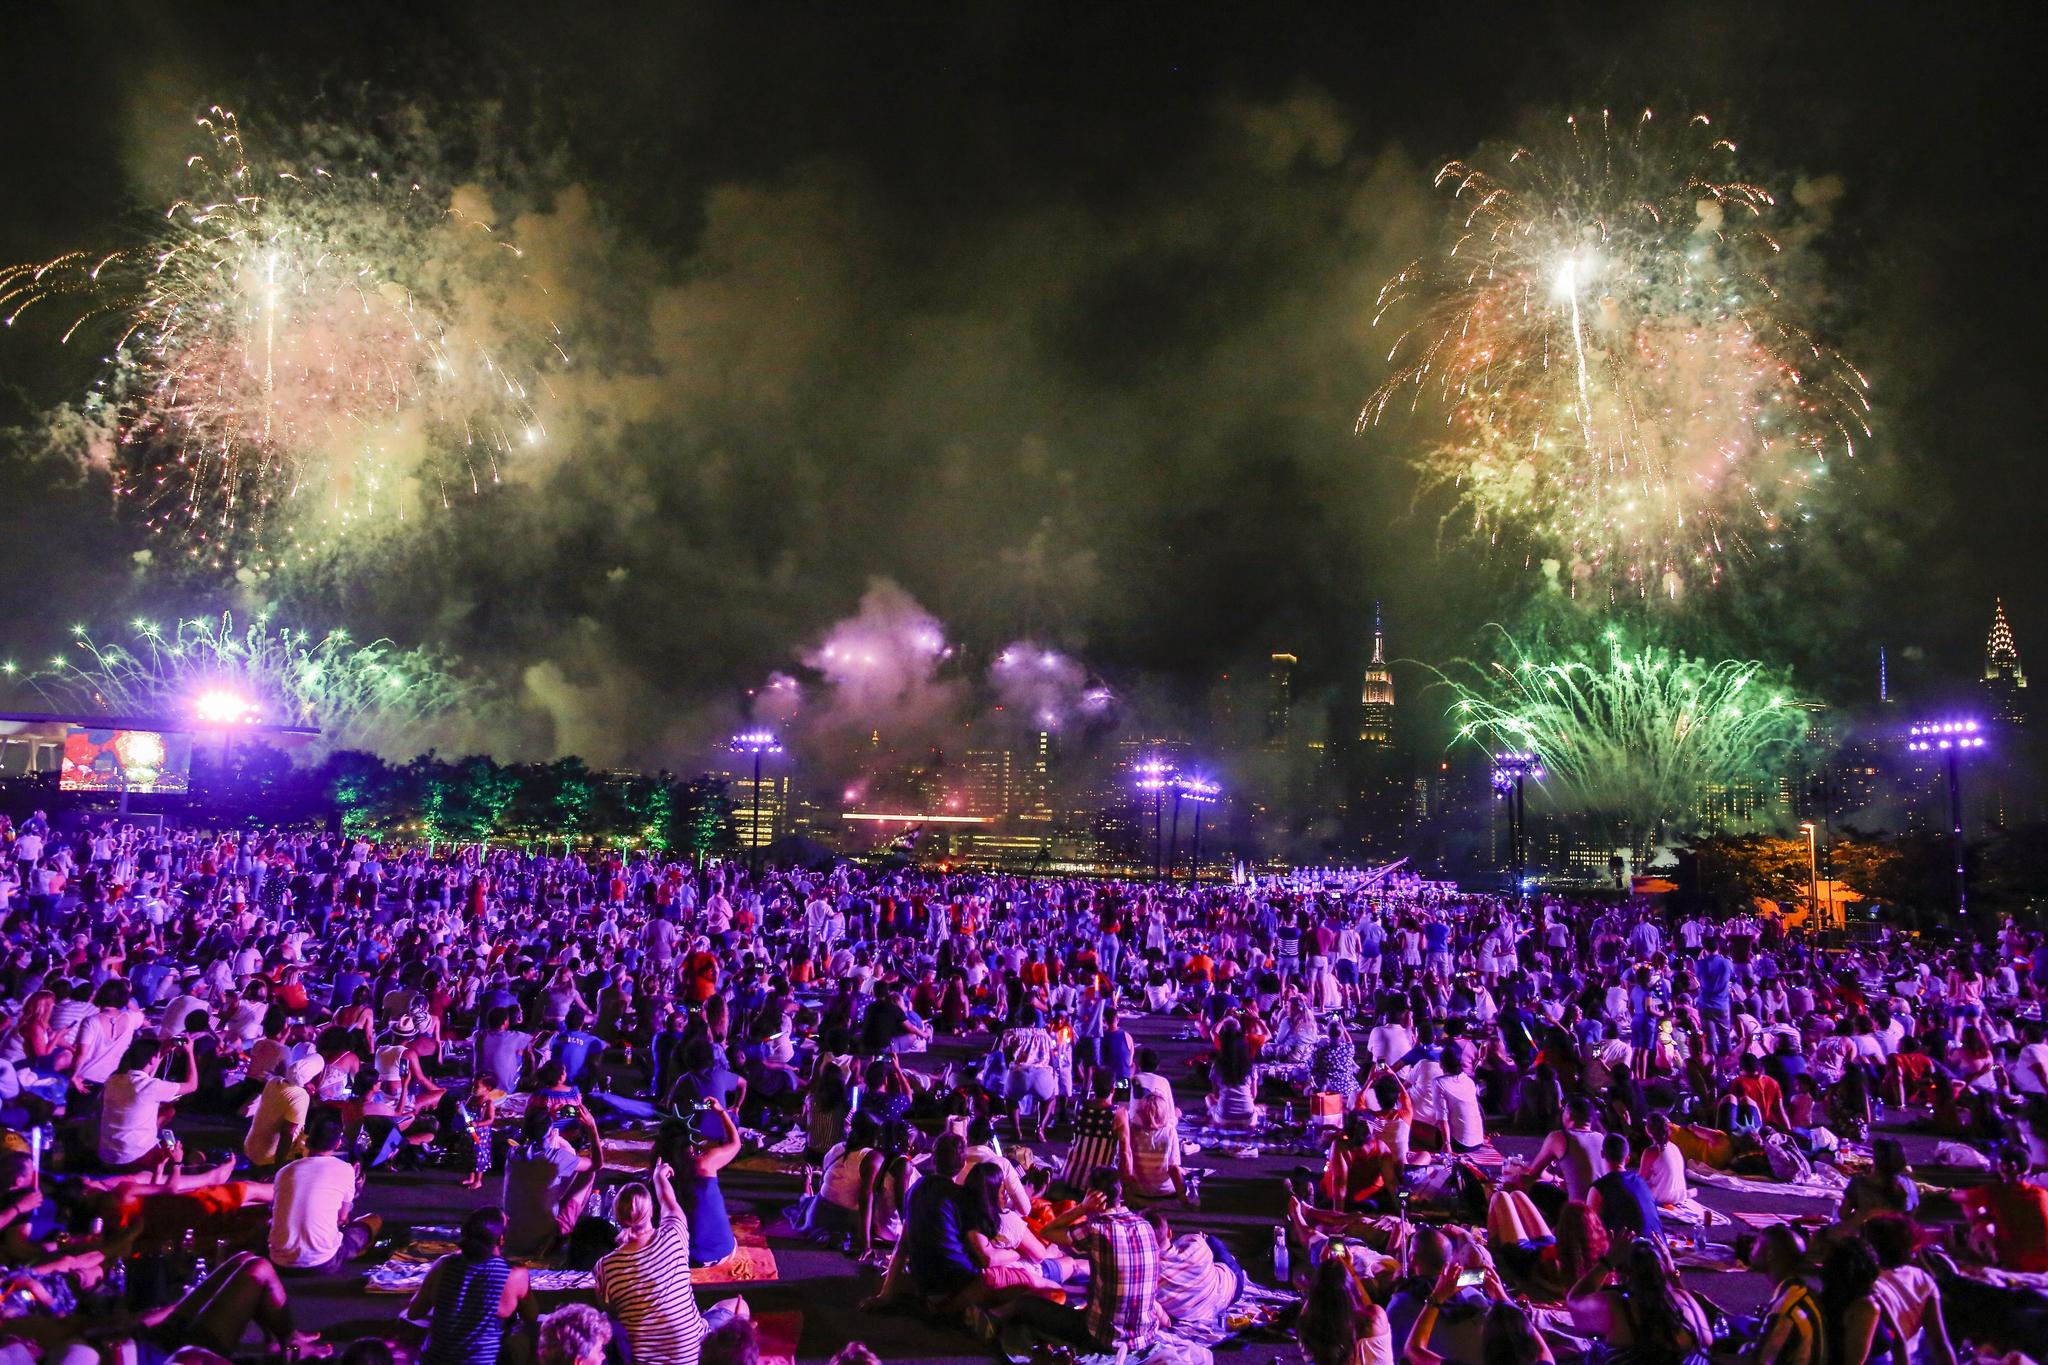 2018년 7월 4일 뉴욕의 헌터 포인트 파크에서 시민들이 미국 독립기념일 행사를 즐기고 있다. [AFP=연합뉴스]